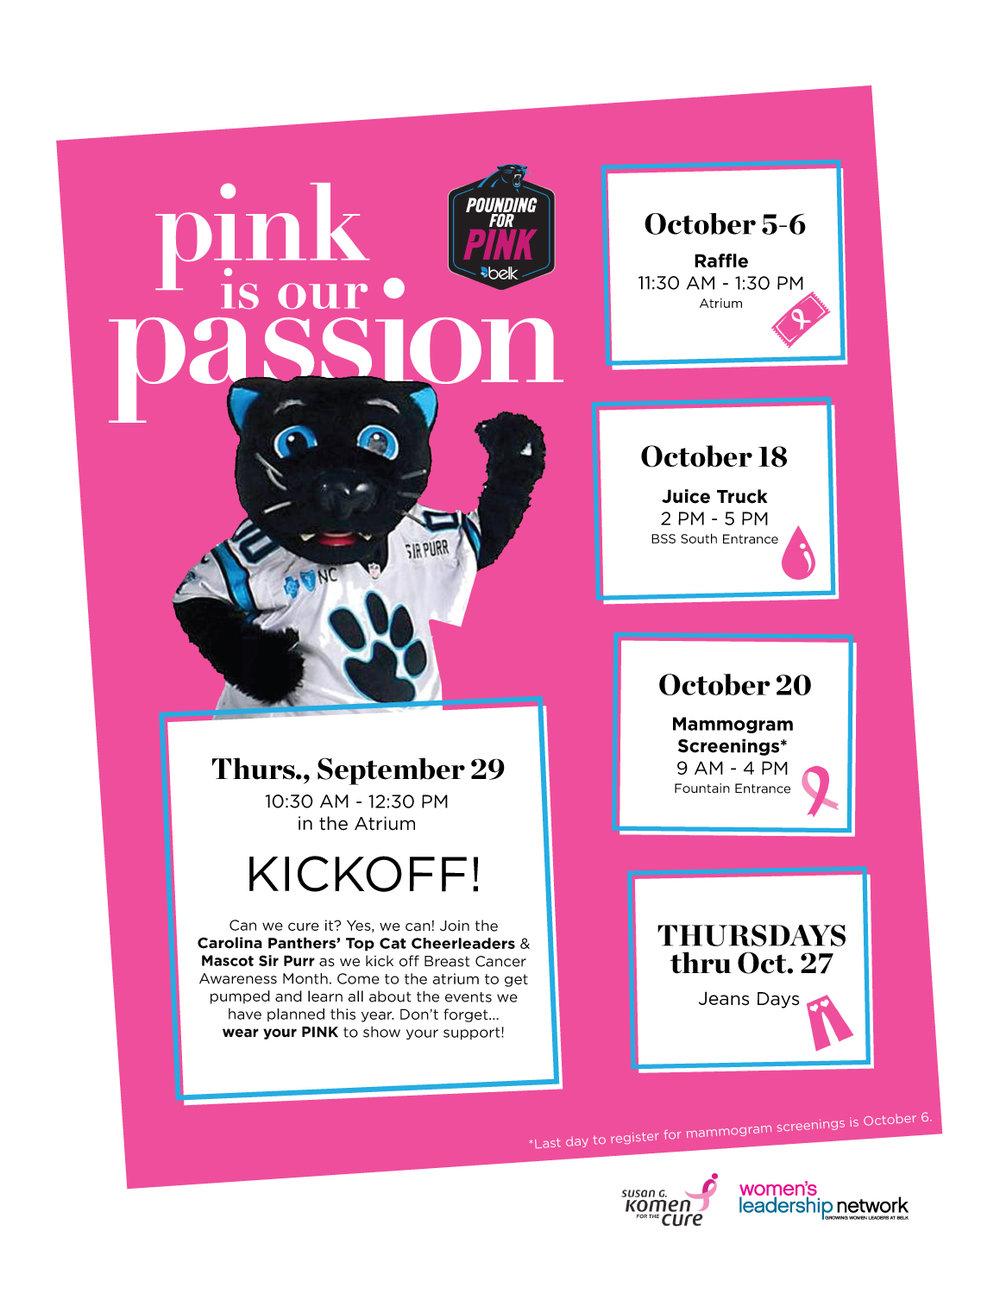 BreastCancerAwareness2016_Calendar_WEEKLY.jpg